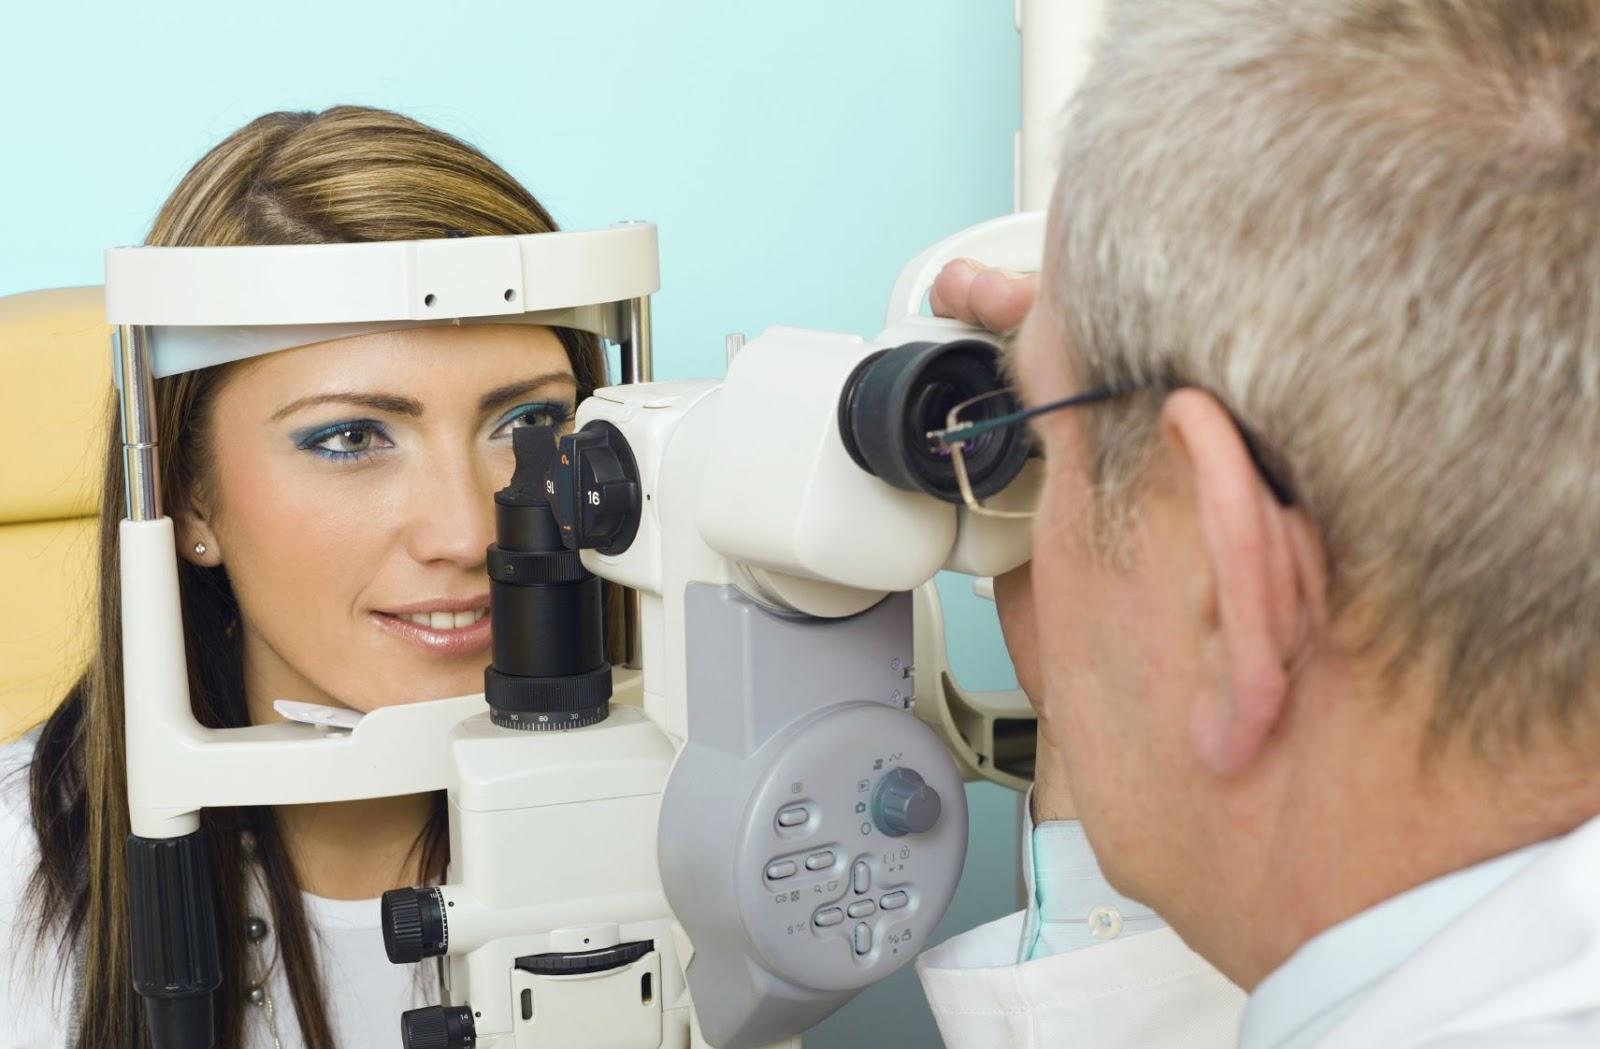 Eye Healt International: Prepare Yourself For Full Eye Exams